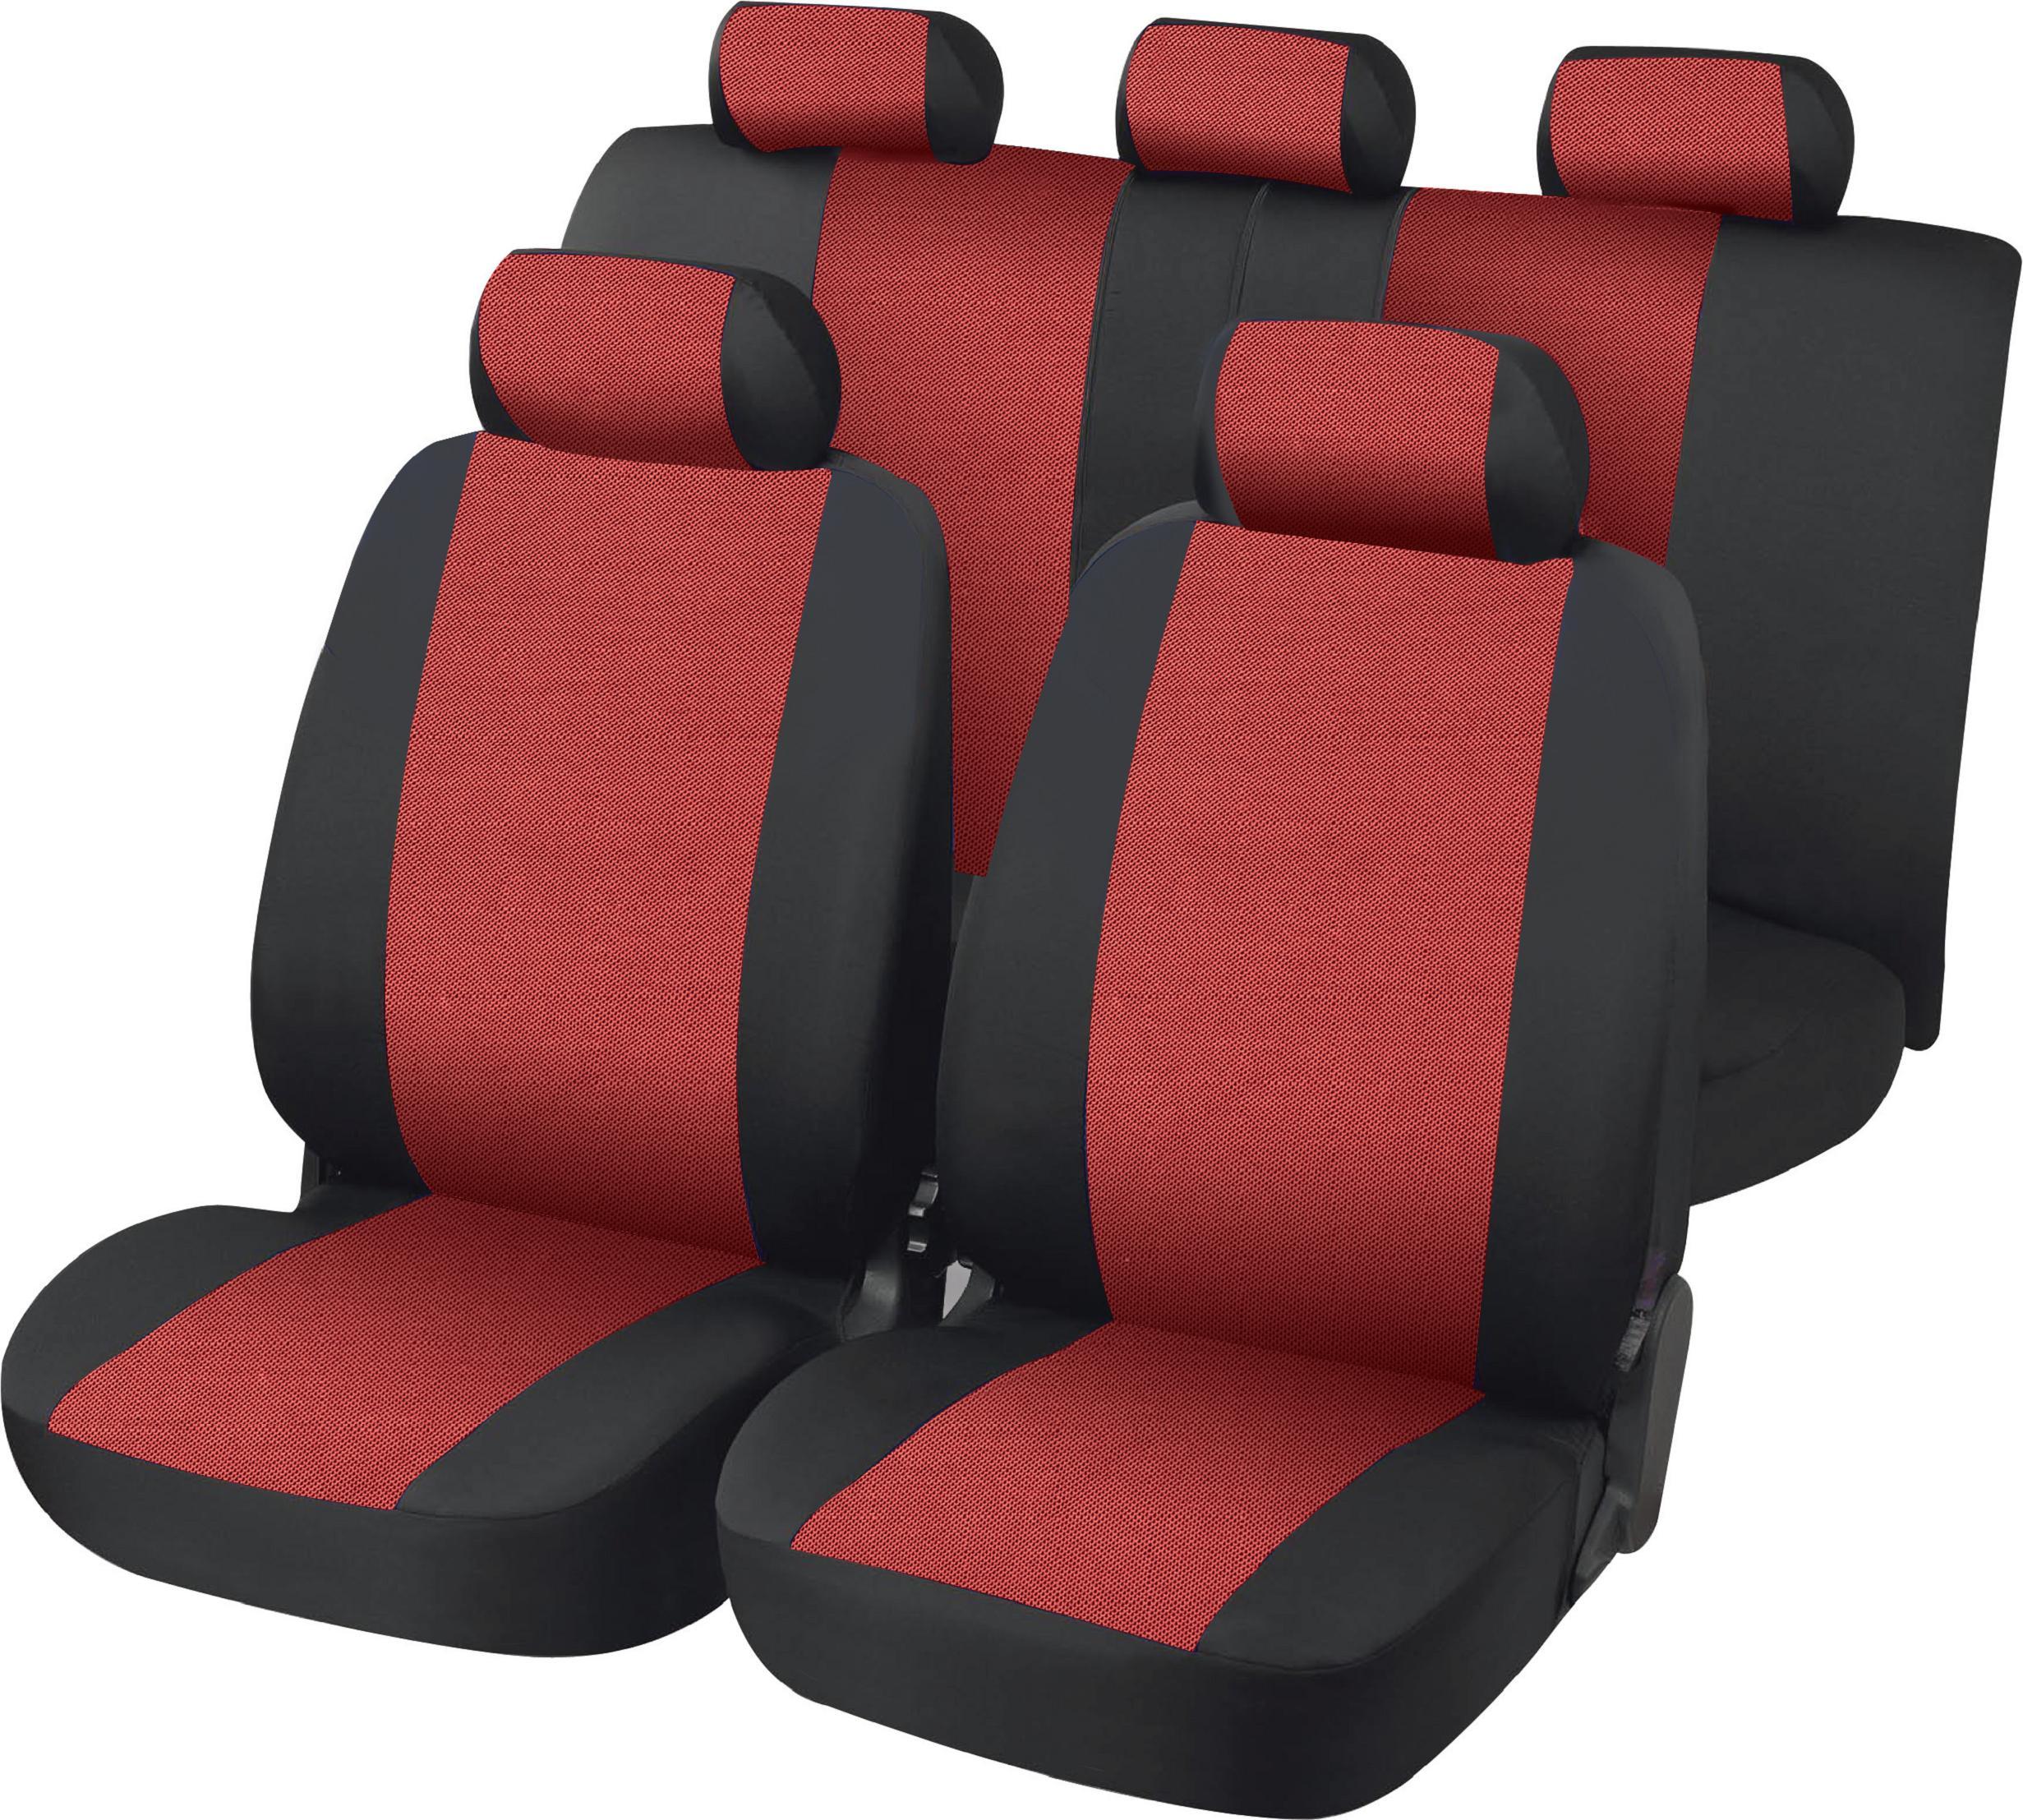 Comprar fundas asiento 11 piezas belfort negro rojo a 41 for Fundas asientos 4x4